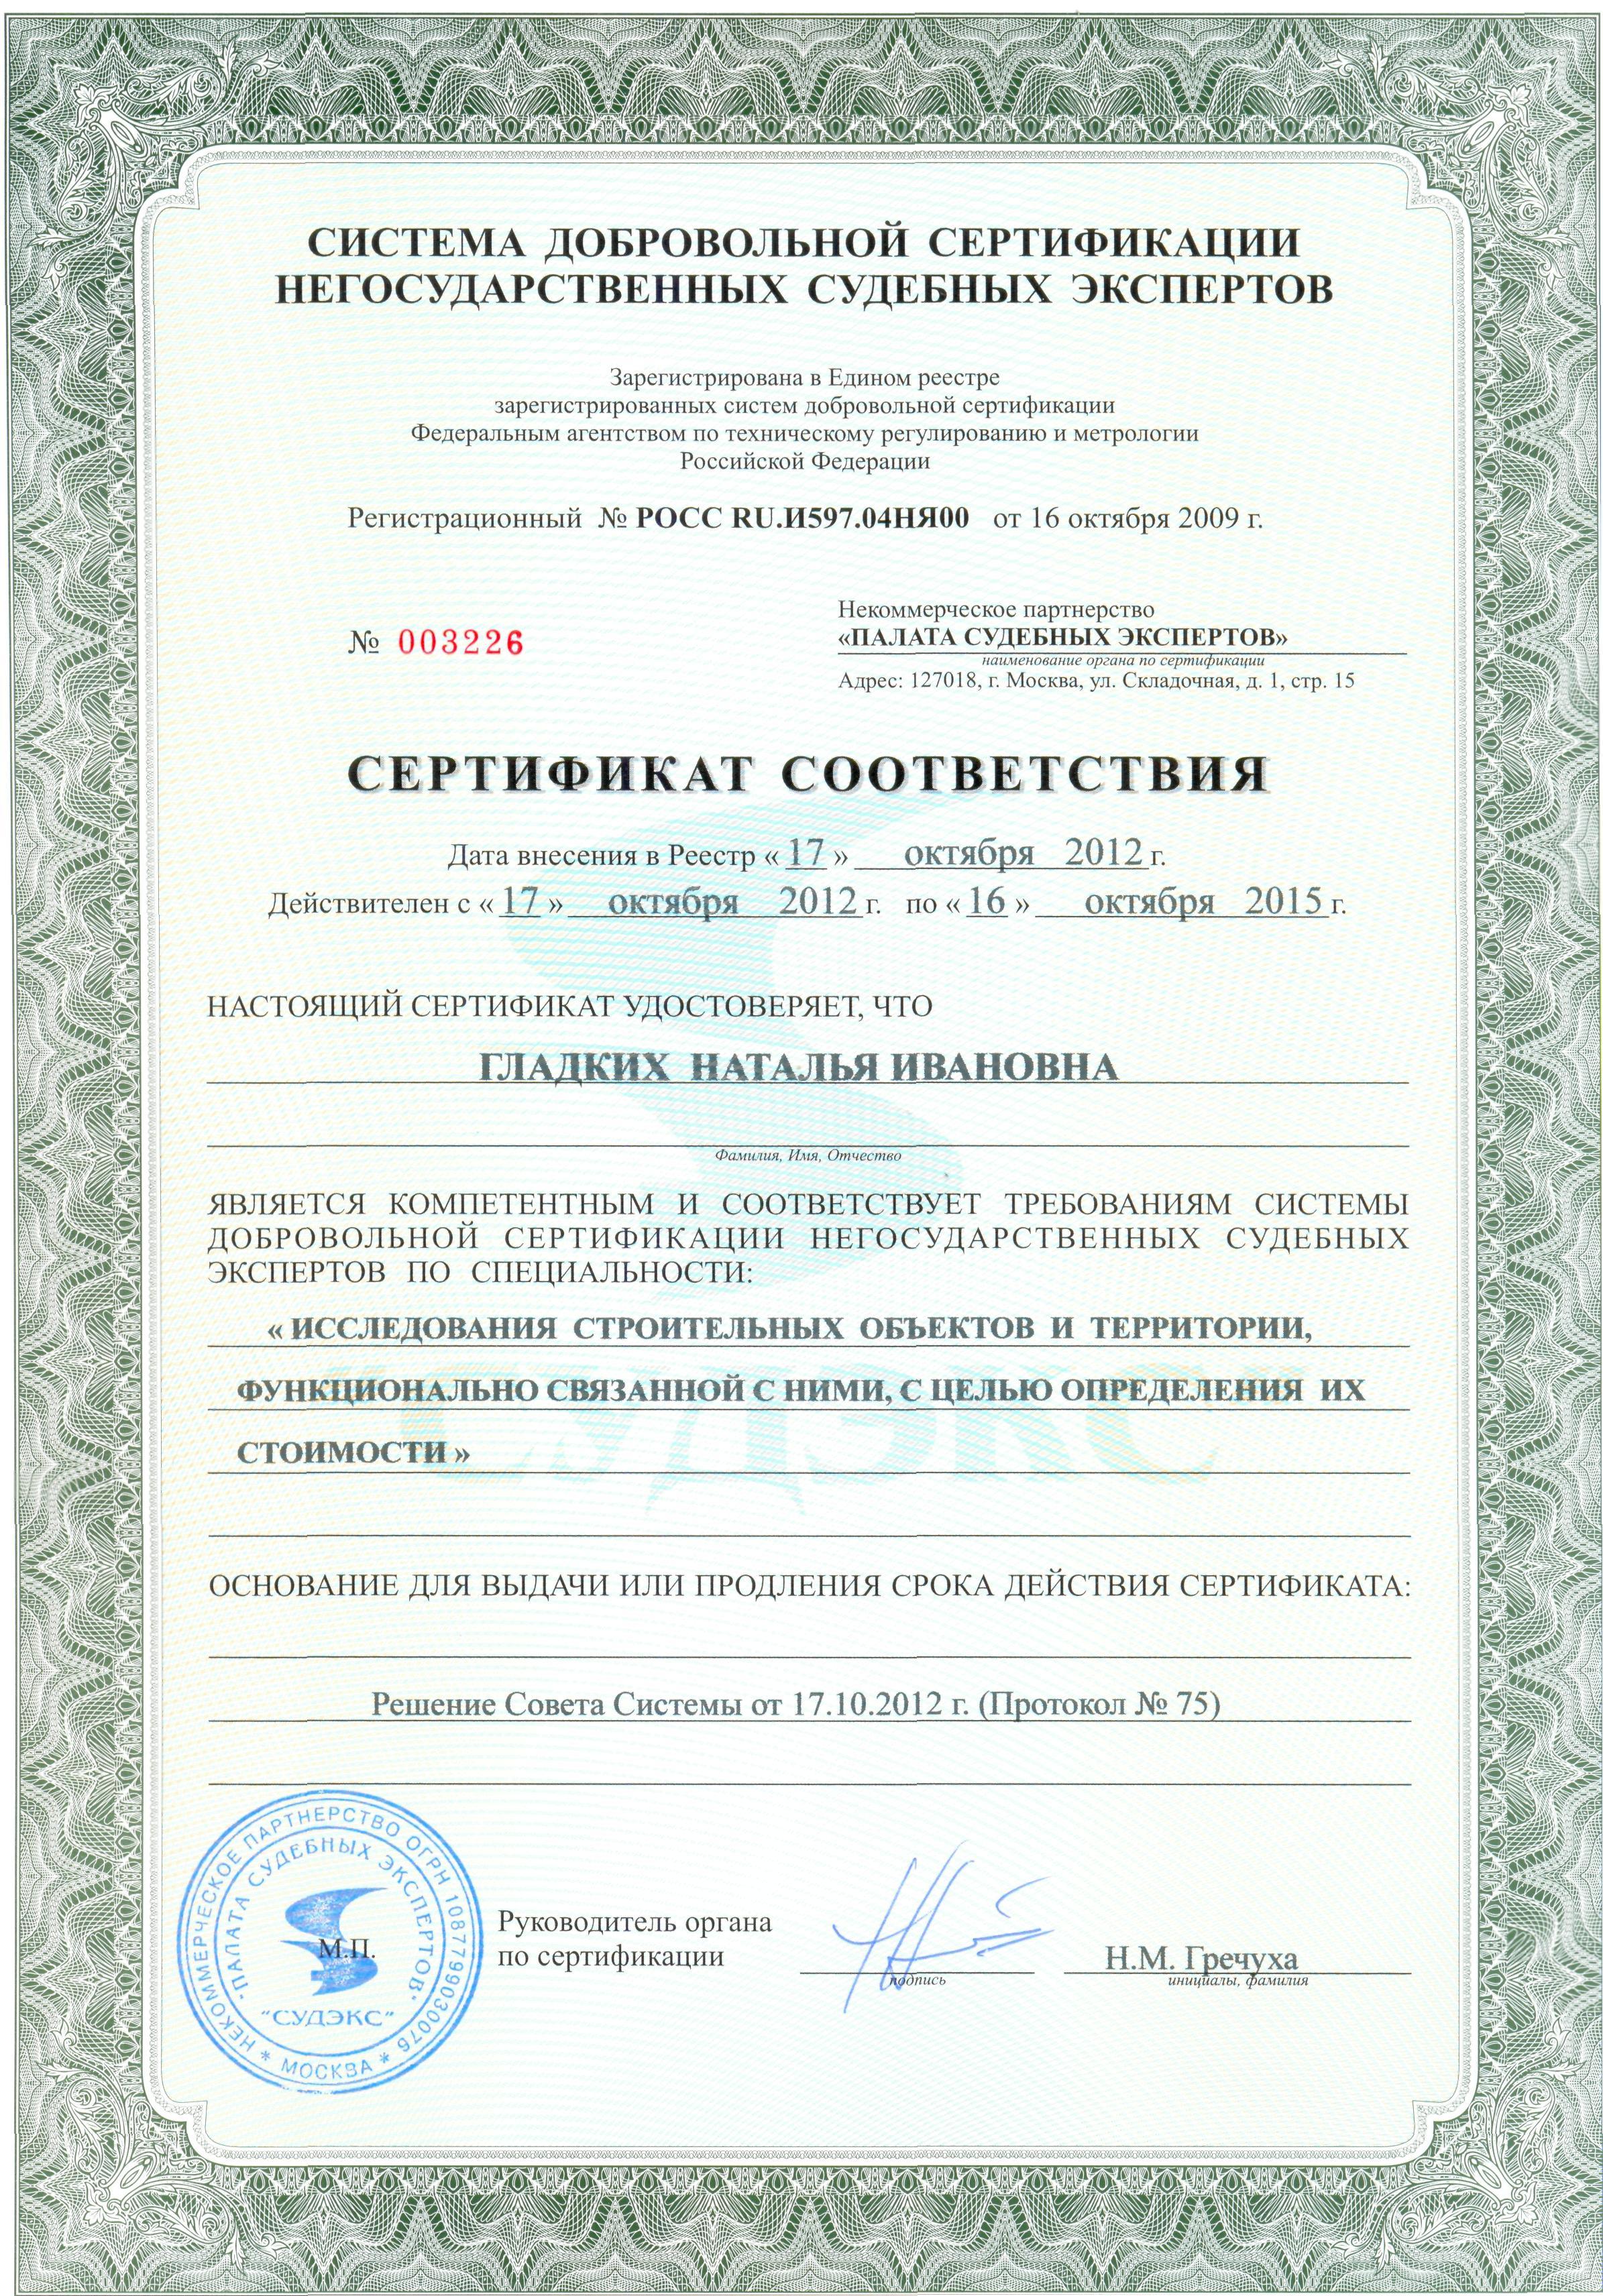 Сертификат судебного эксперта НИ